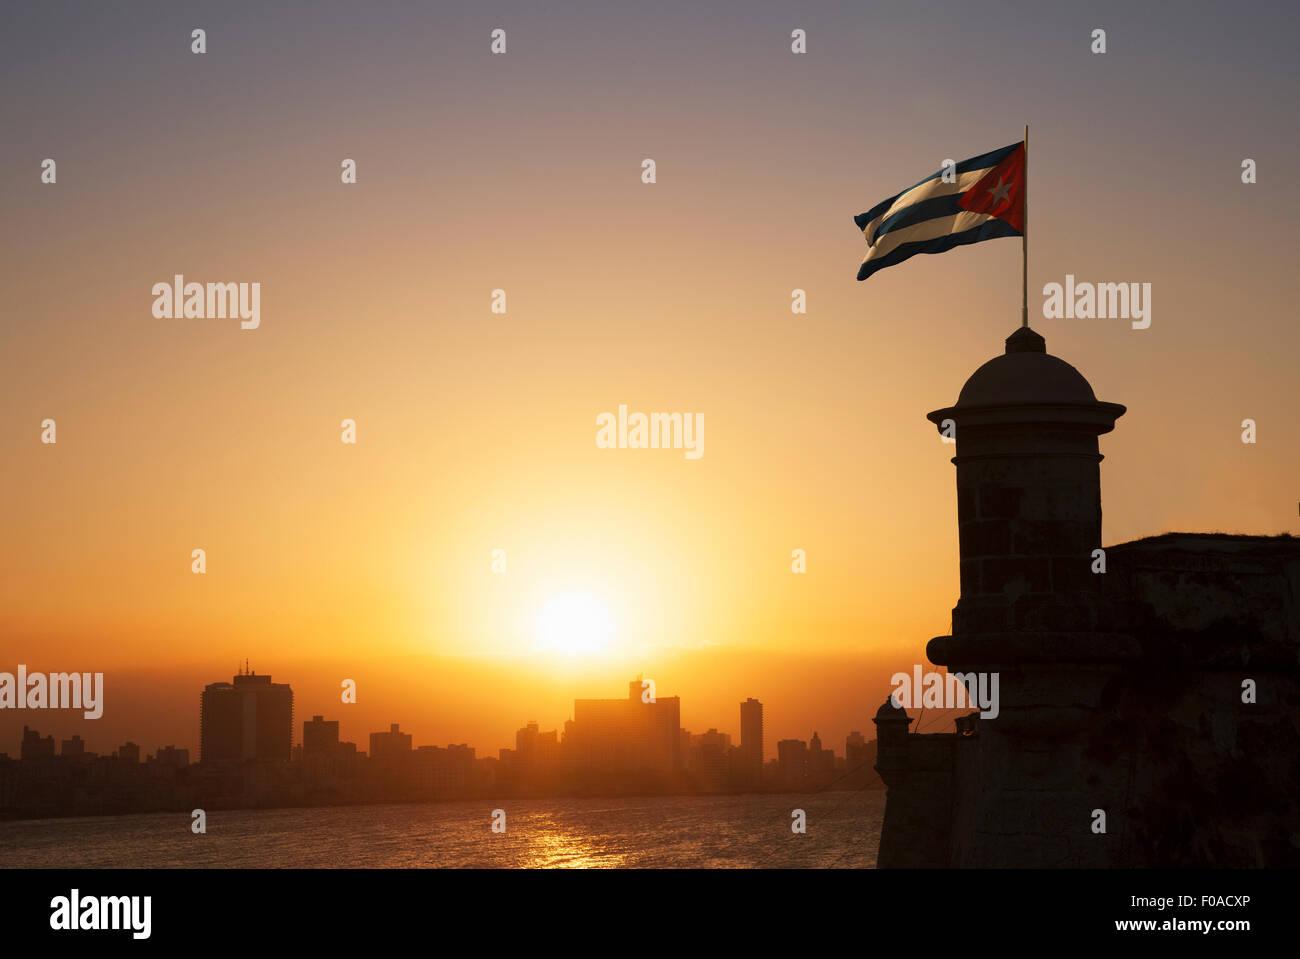 Bandiera cubana oltre la fortezza di El Morro al tramonto, Havana, Cuba Immagini Stock